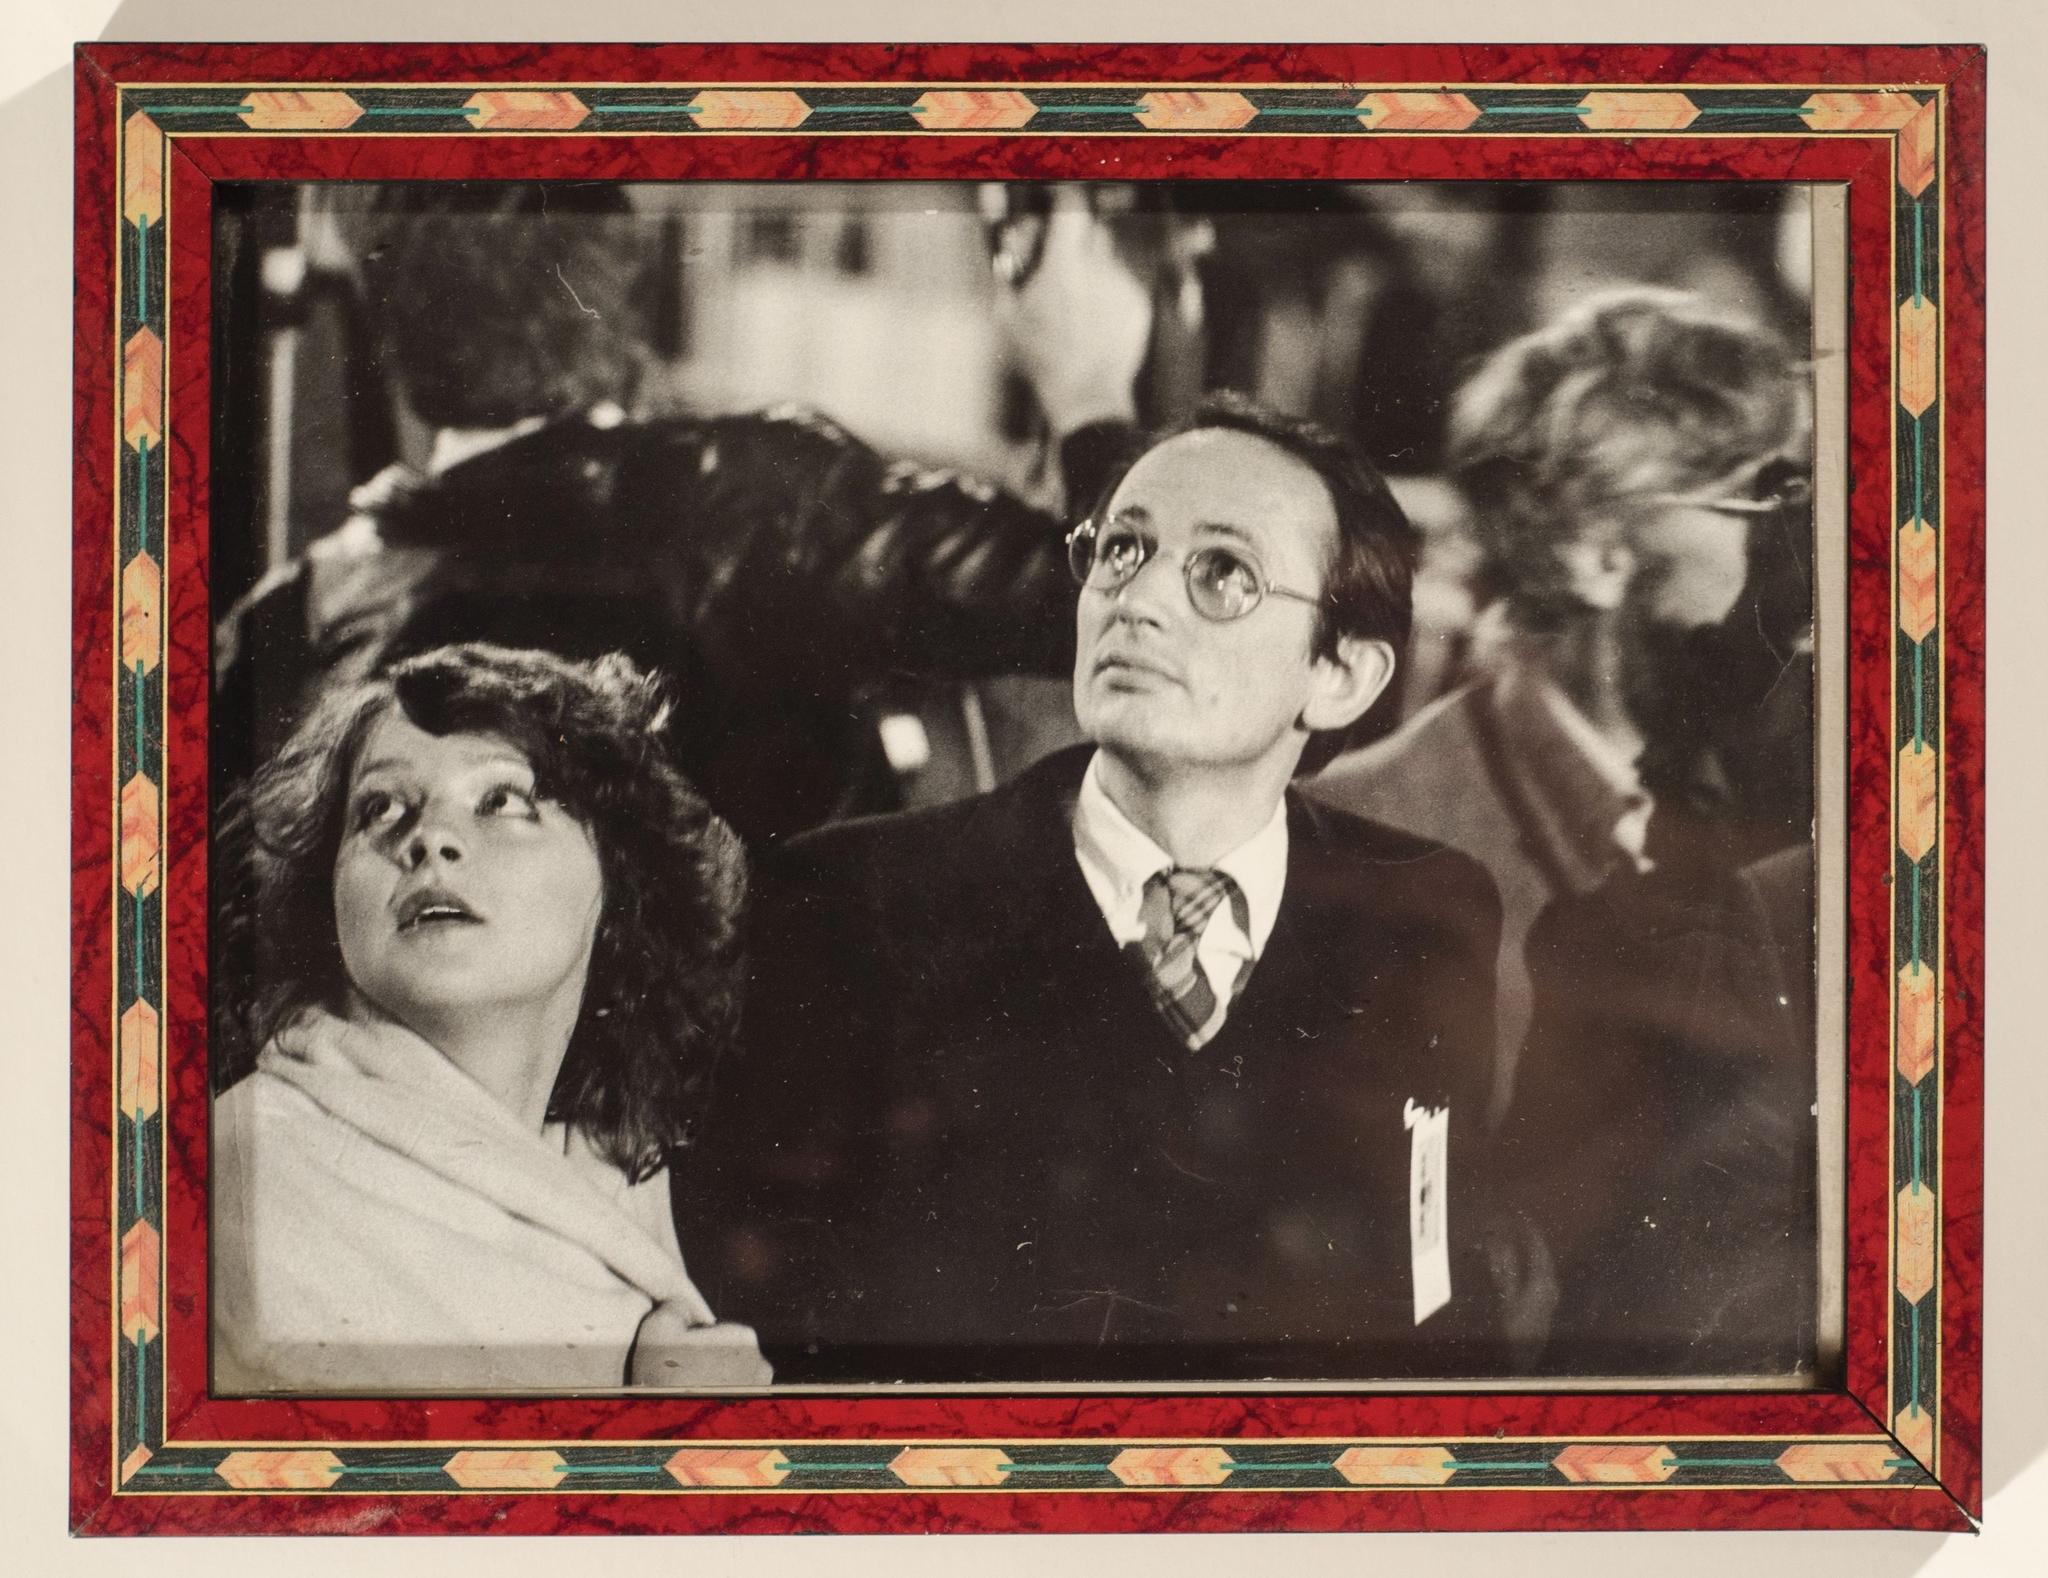 Volkhart i ja w chwili ogłoszenia przez Felipe Gonzáleza demokracji w Hiszpanii, hotel Palace w Madrycie, 1975 rok. (fot. archiwum prywatne)